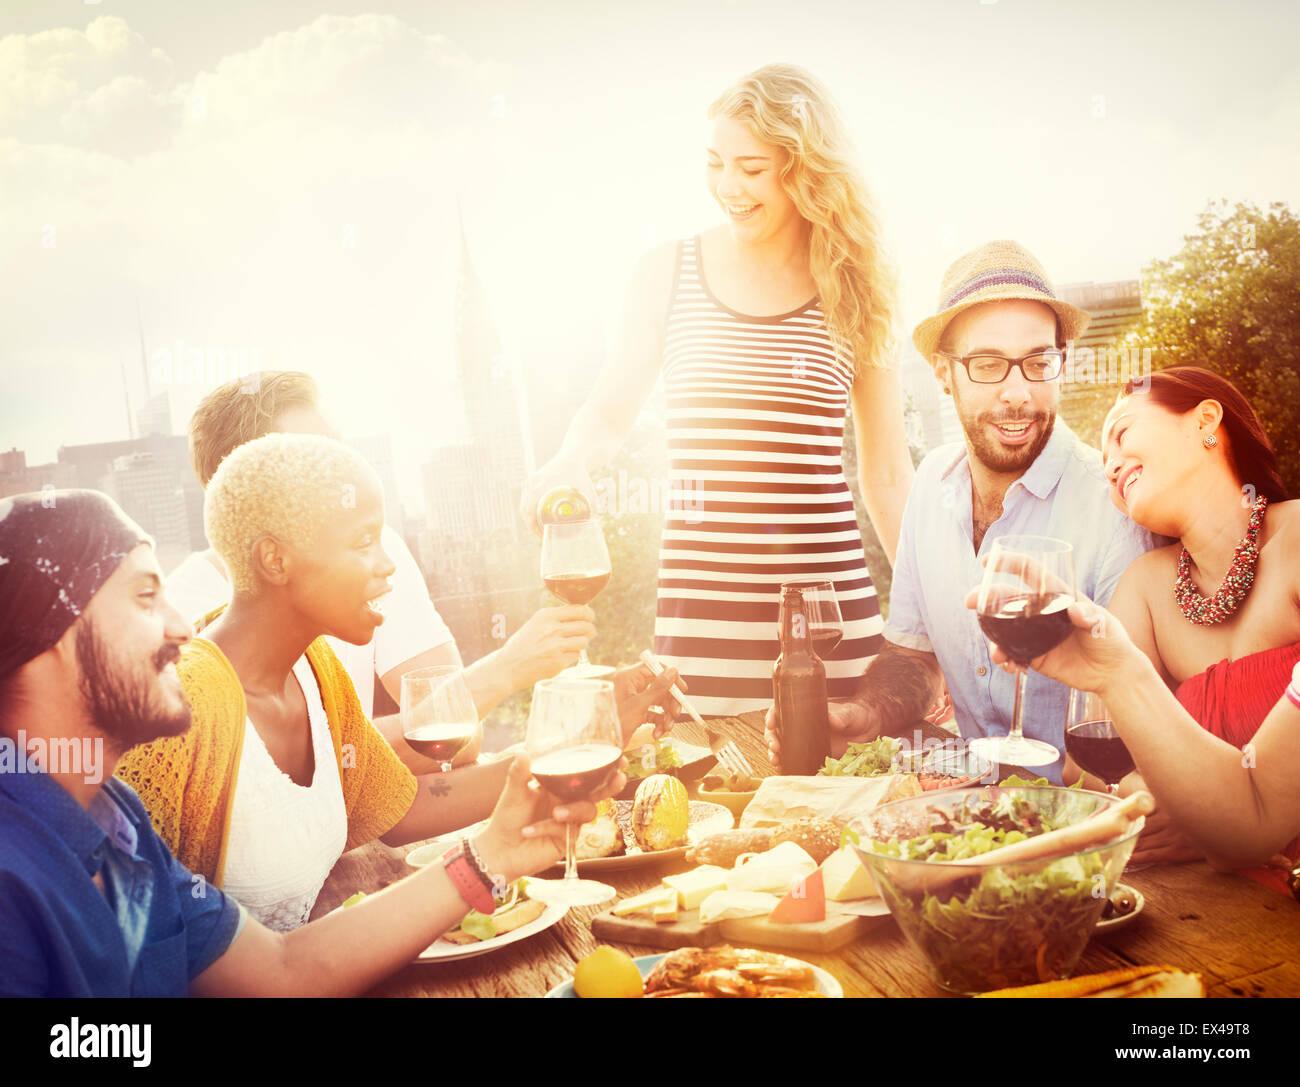 Amico amicizia celebrazione pranzo appendere fuori Concept Immagini Stock